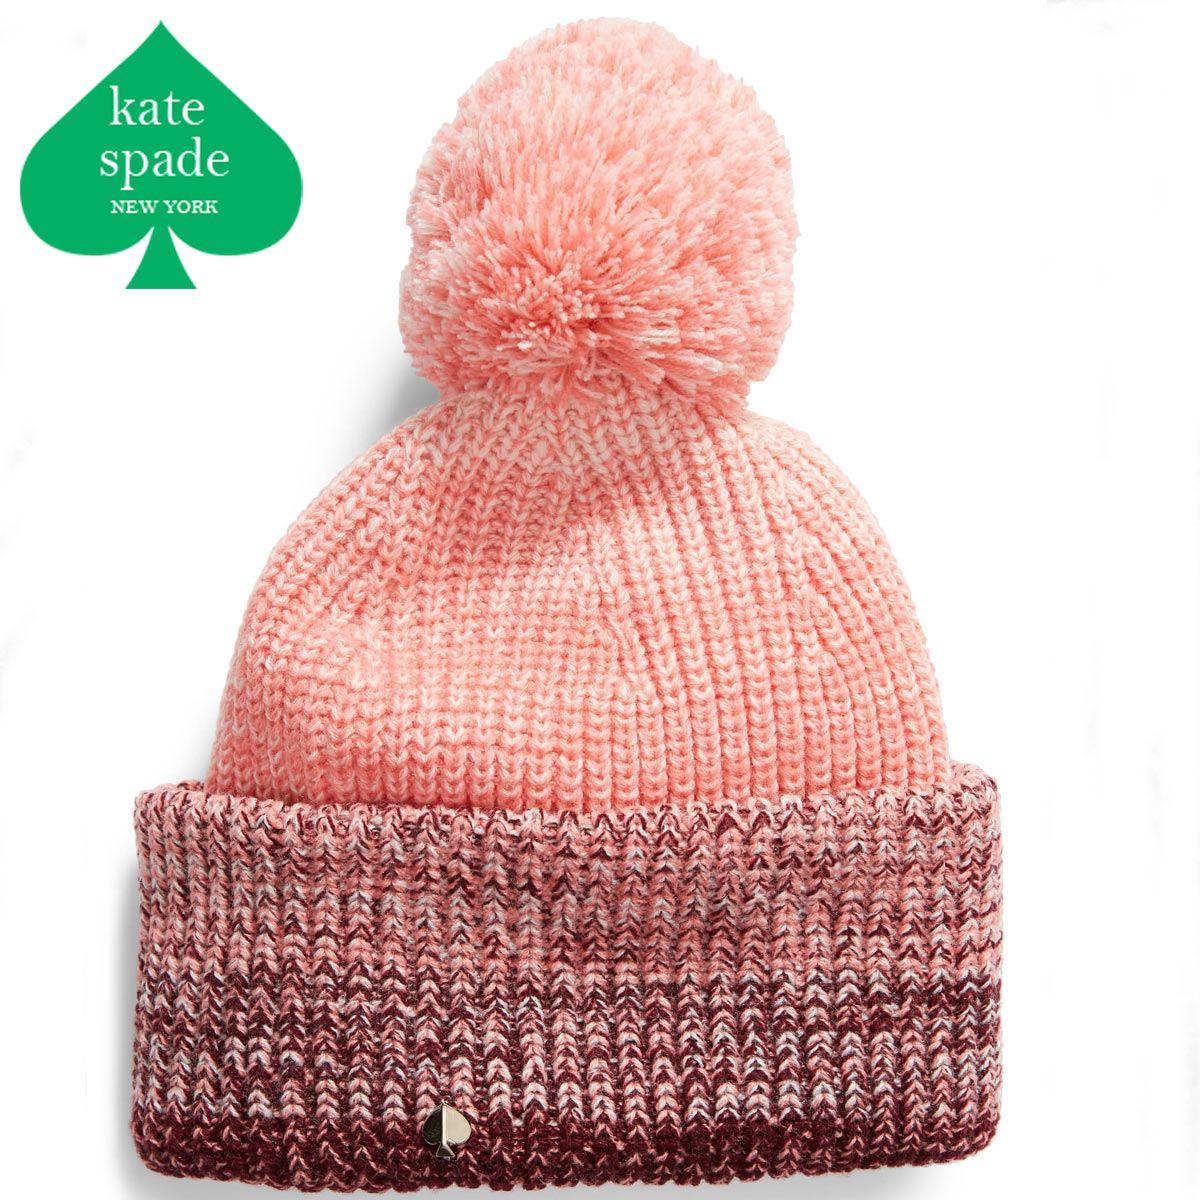 ケイトスペード ニット帽 ボンボン ブランド レディース ビーニー ビーニー帽 ニット ニット帽子 KATE SPADE NEW YORK